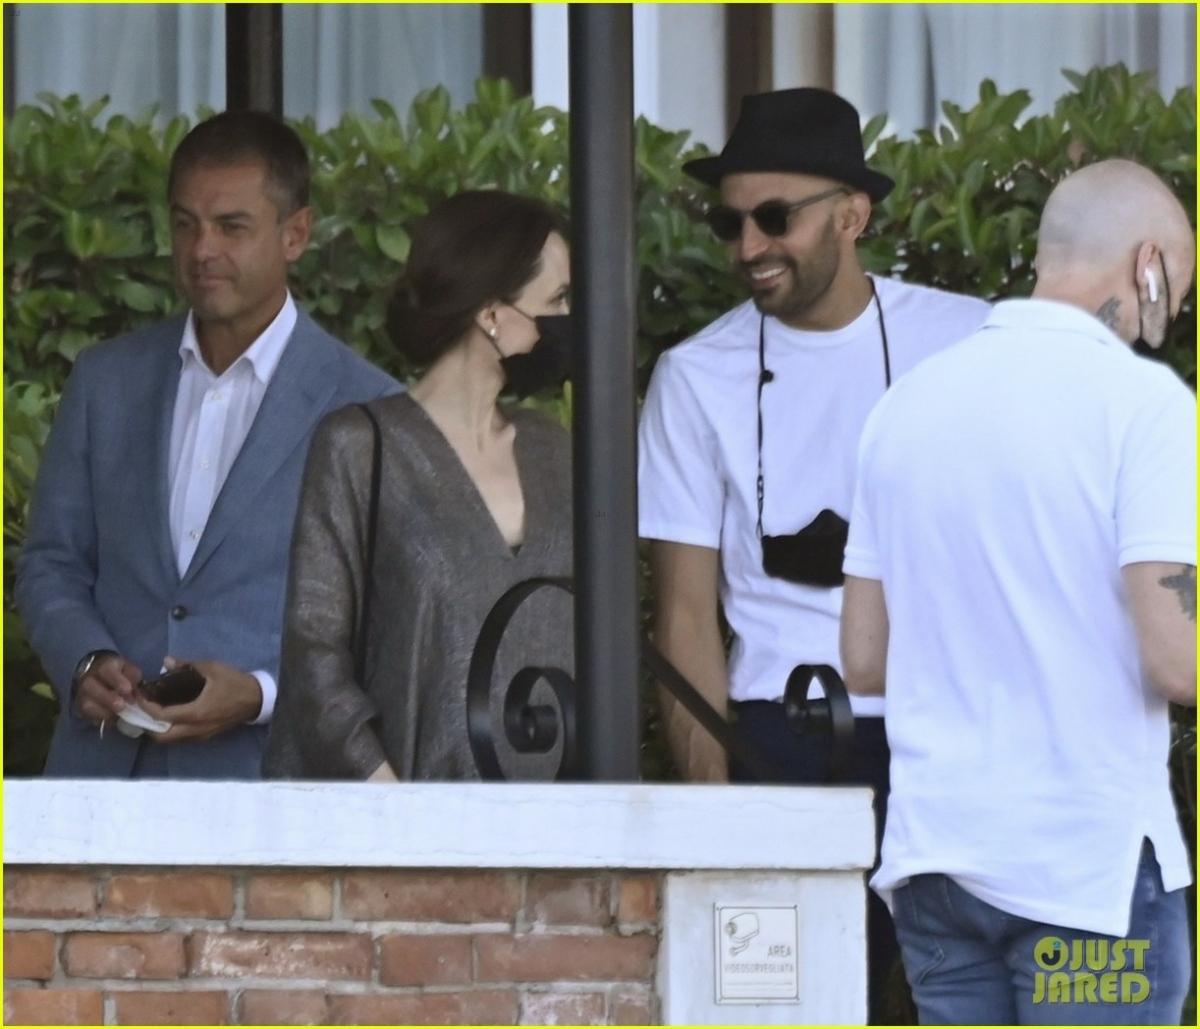 """Trước câu hỏi của MC Justin Sylvester về việc cô có những tiêu chuẩn khắt khe khi tìm bạn đời không, Angelina Jolie đáp: """"Tôi có lẽ có một danh sách rất dài chứ. Tôi đã ở một mình quá lâu rồi""""."""